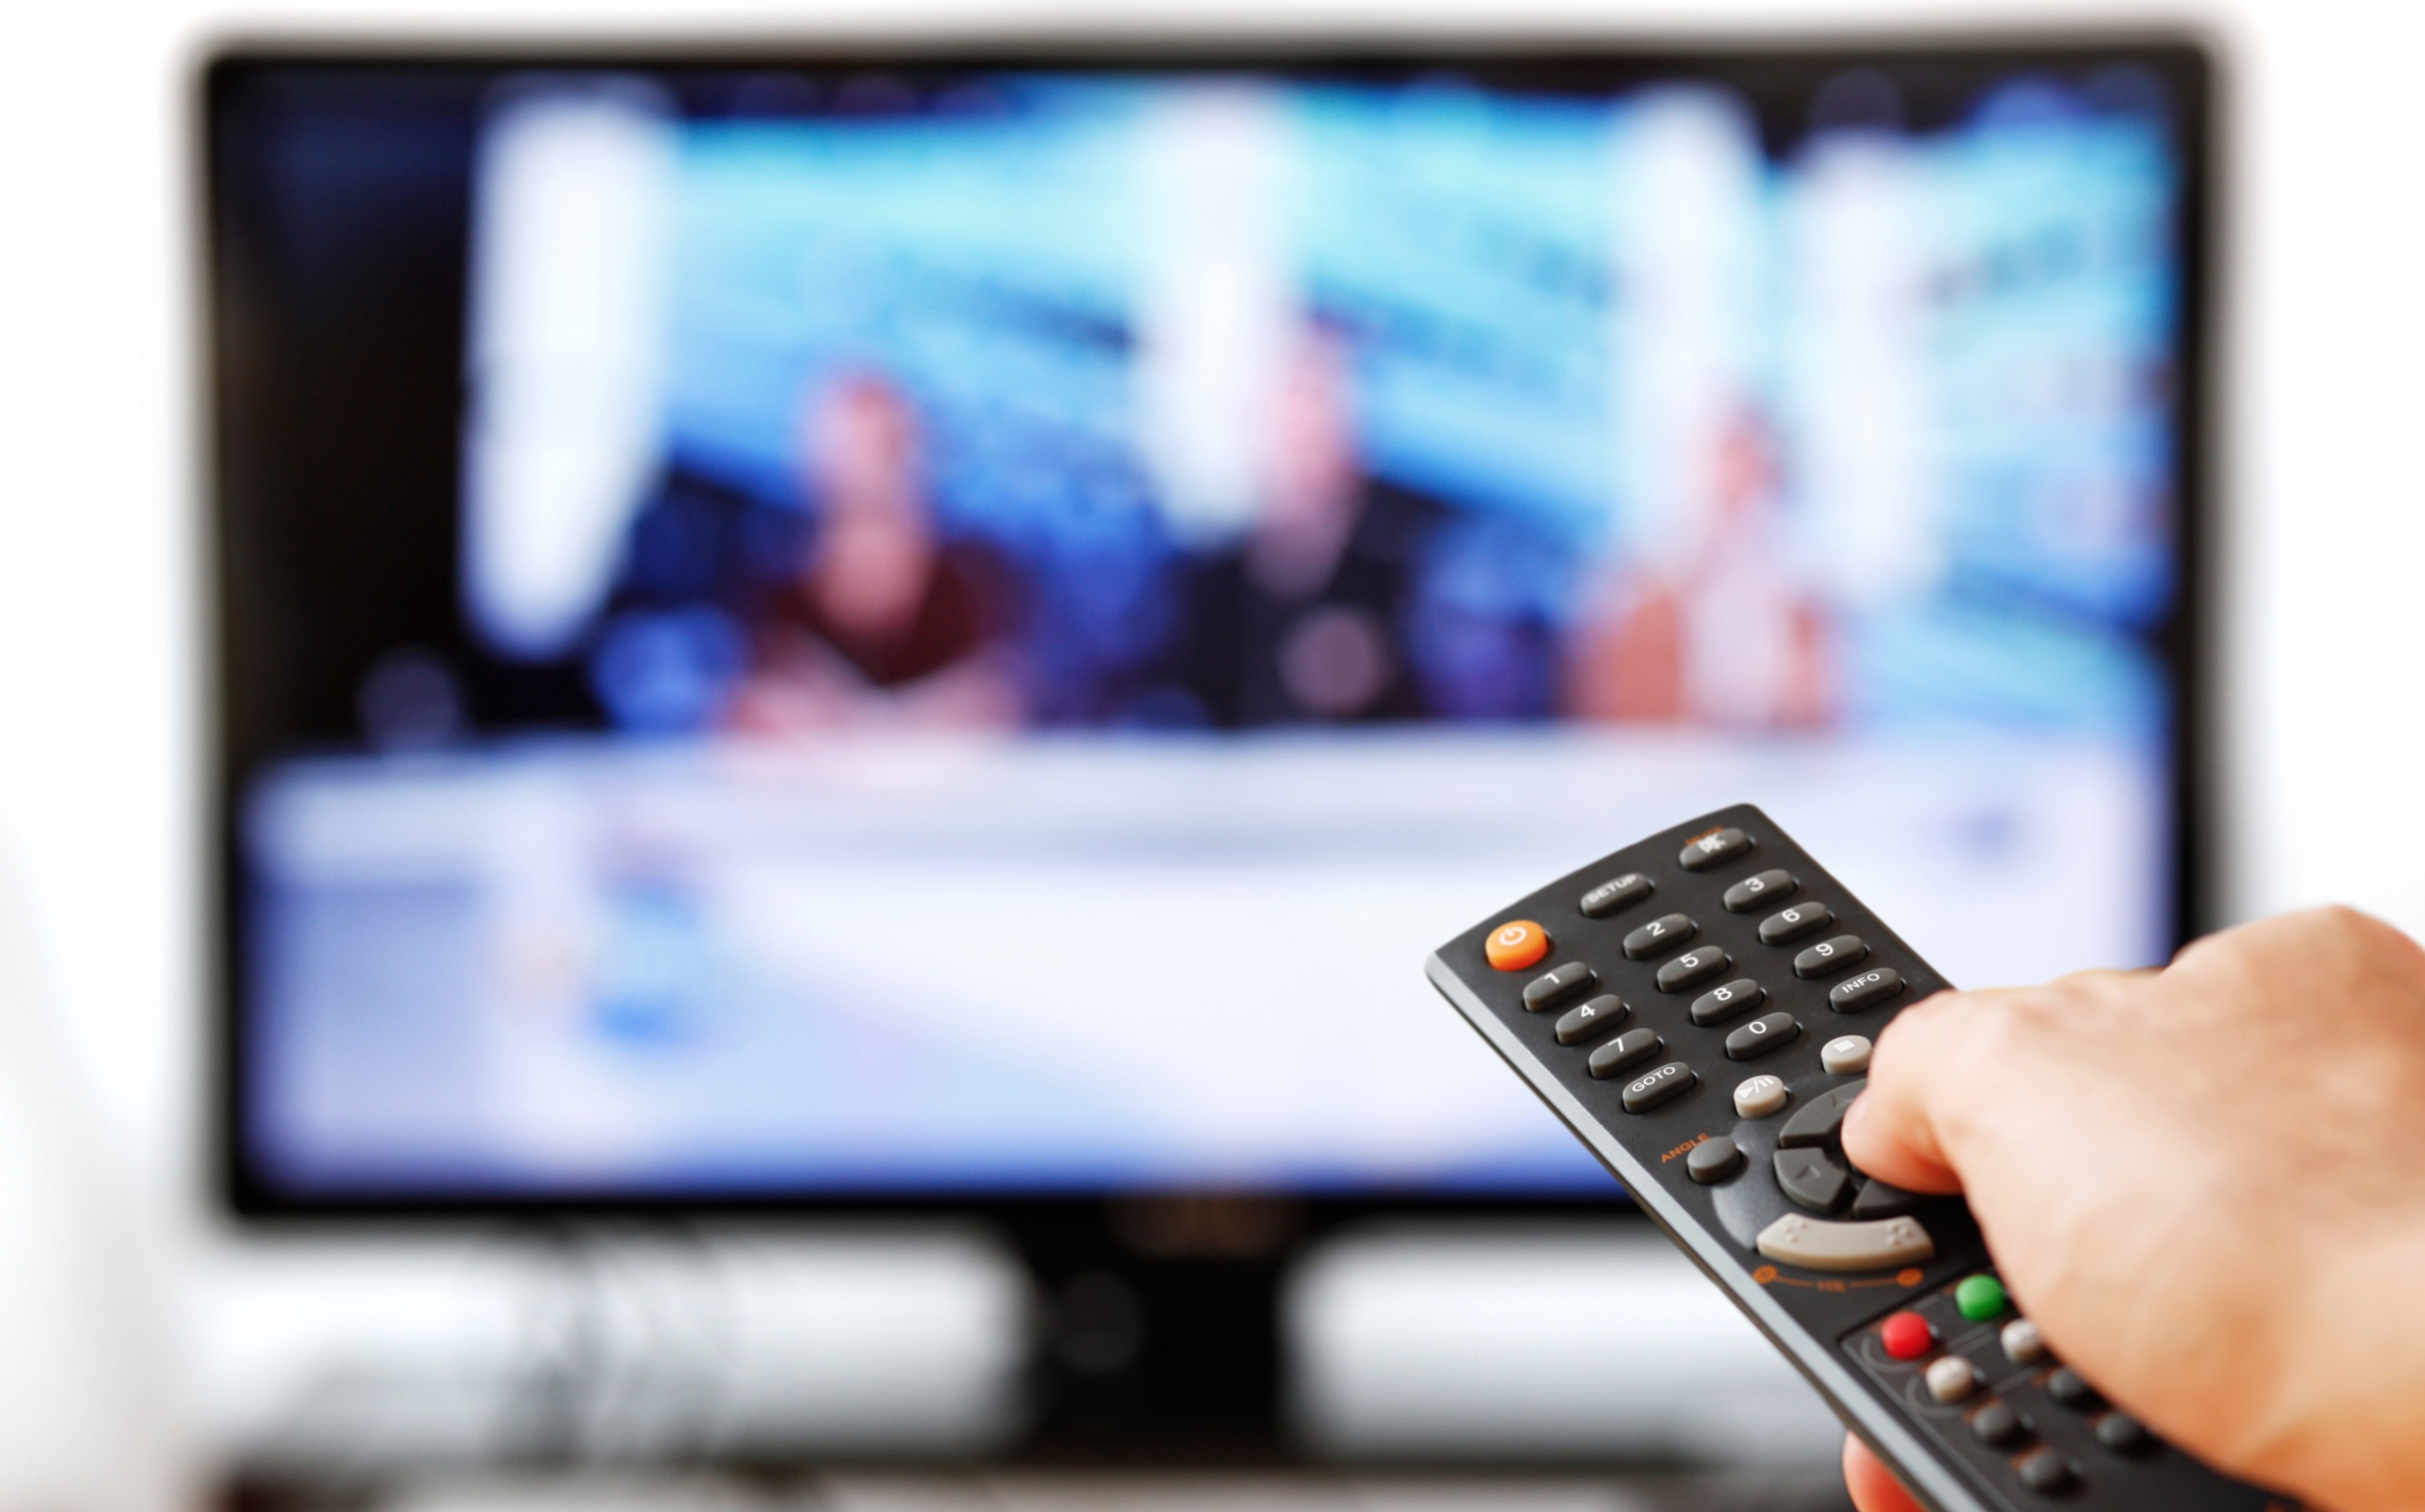 Le 5 Migliori Idee Regalo Per Gli Appassionati Della Tv Tecnocino